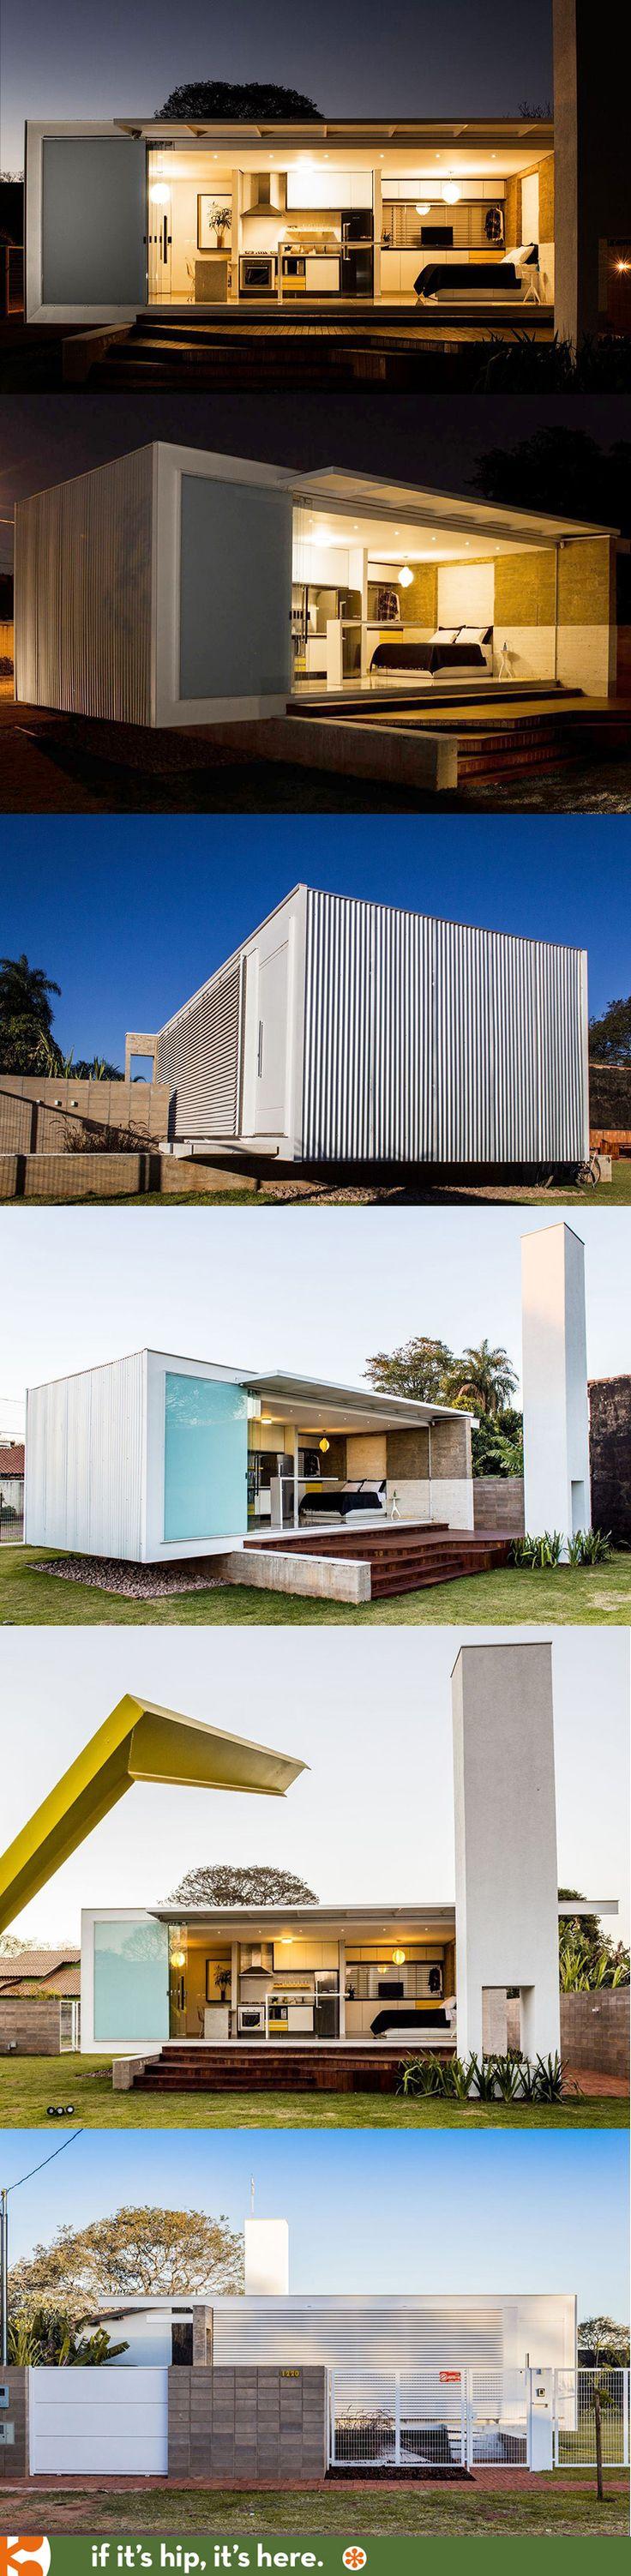 Modern Prefab in Brazil.